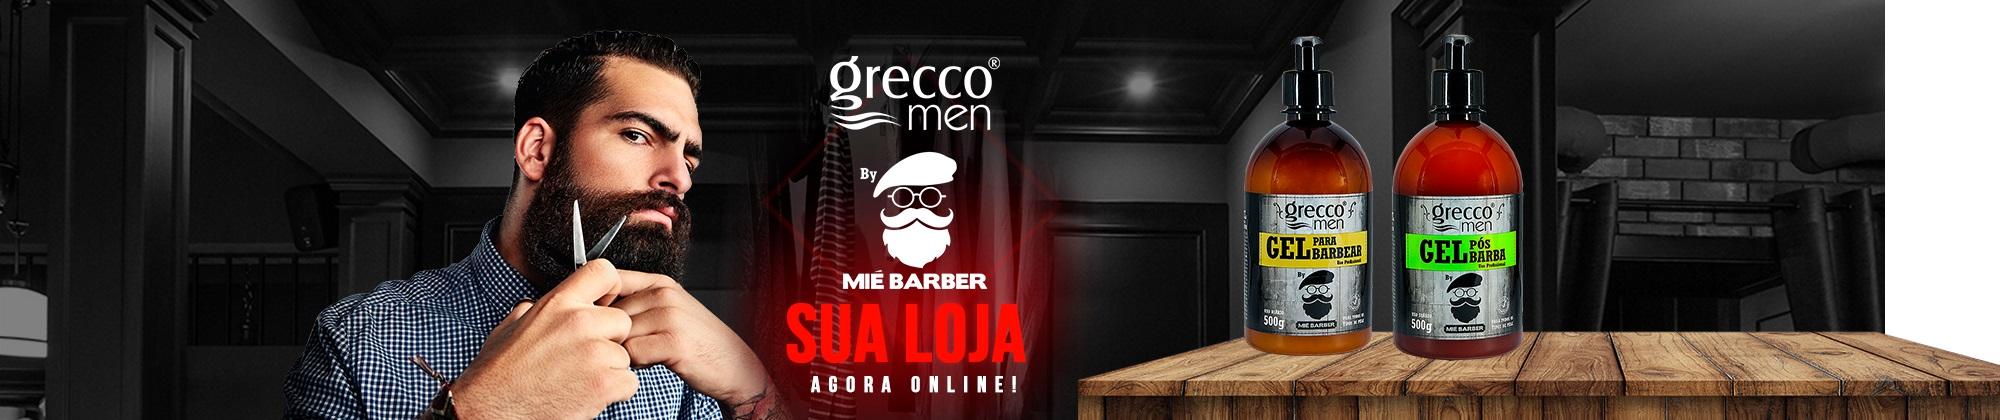 Grecco Men 05